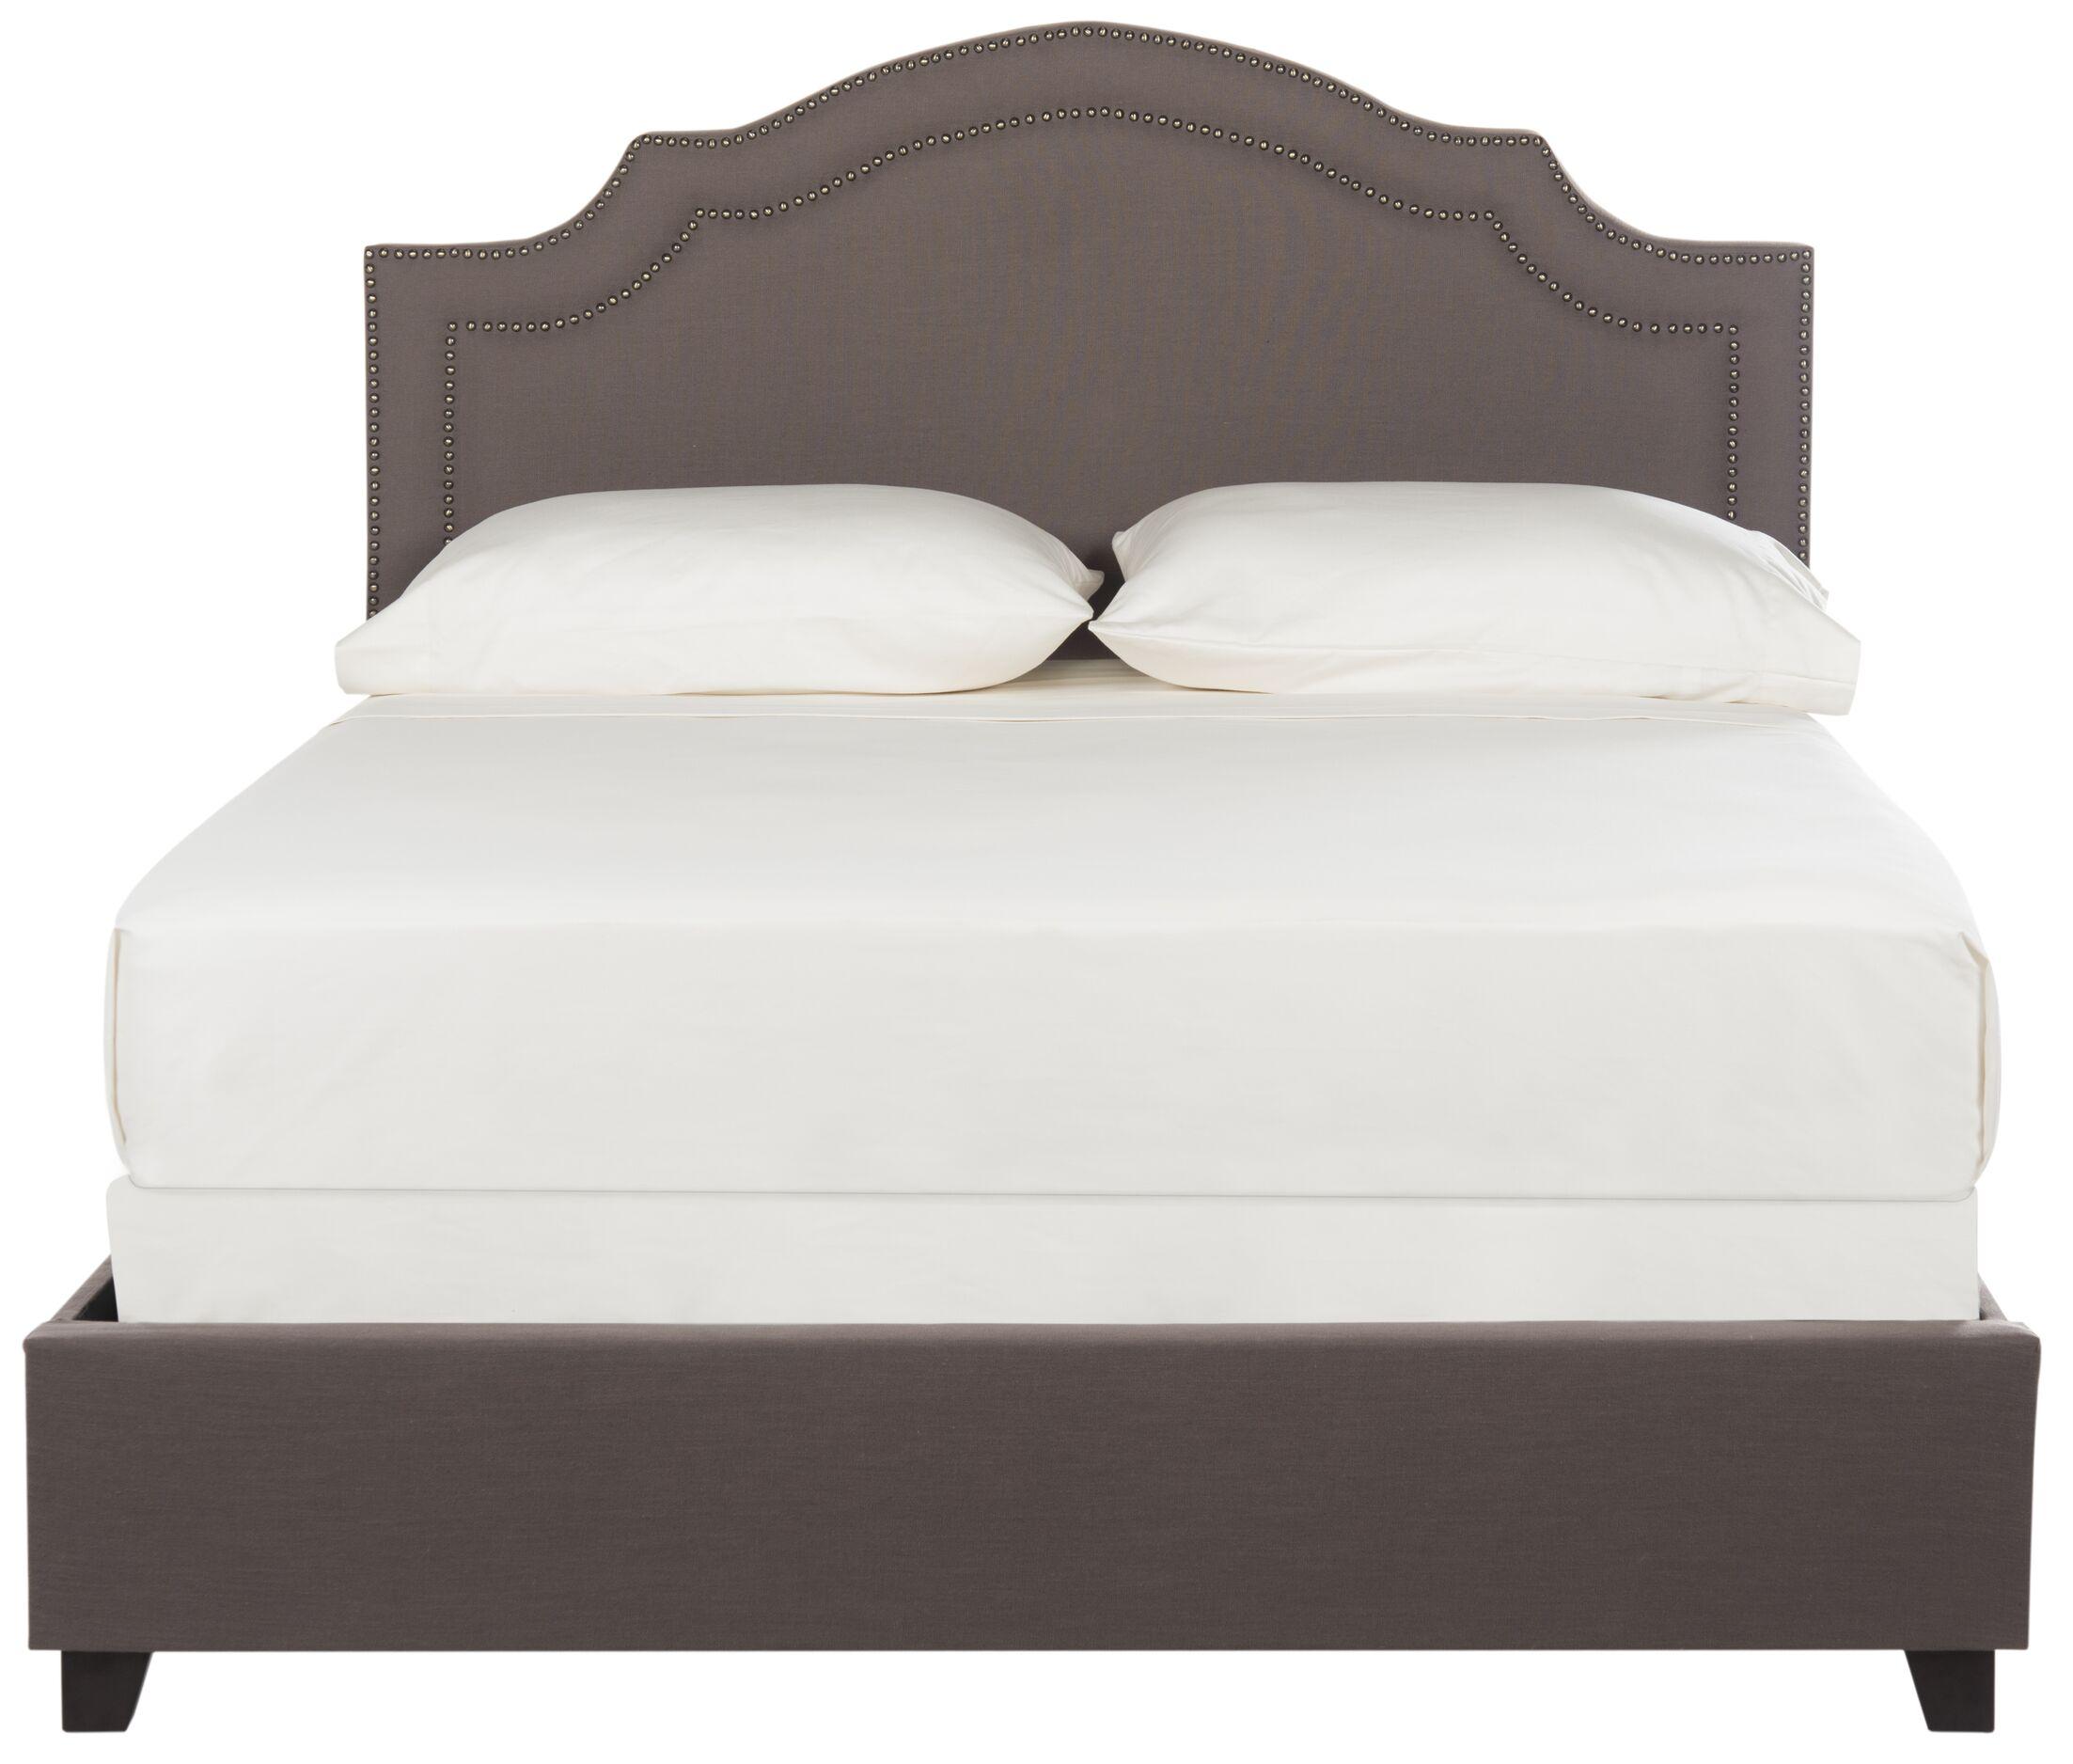 Avanley Upholstered Panel Bed Size: Full, Color (Upholstery/Nailhead): Light Beige/Silver